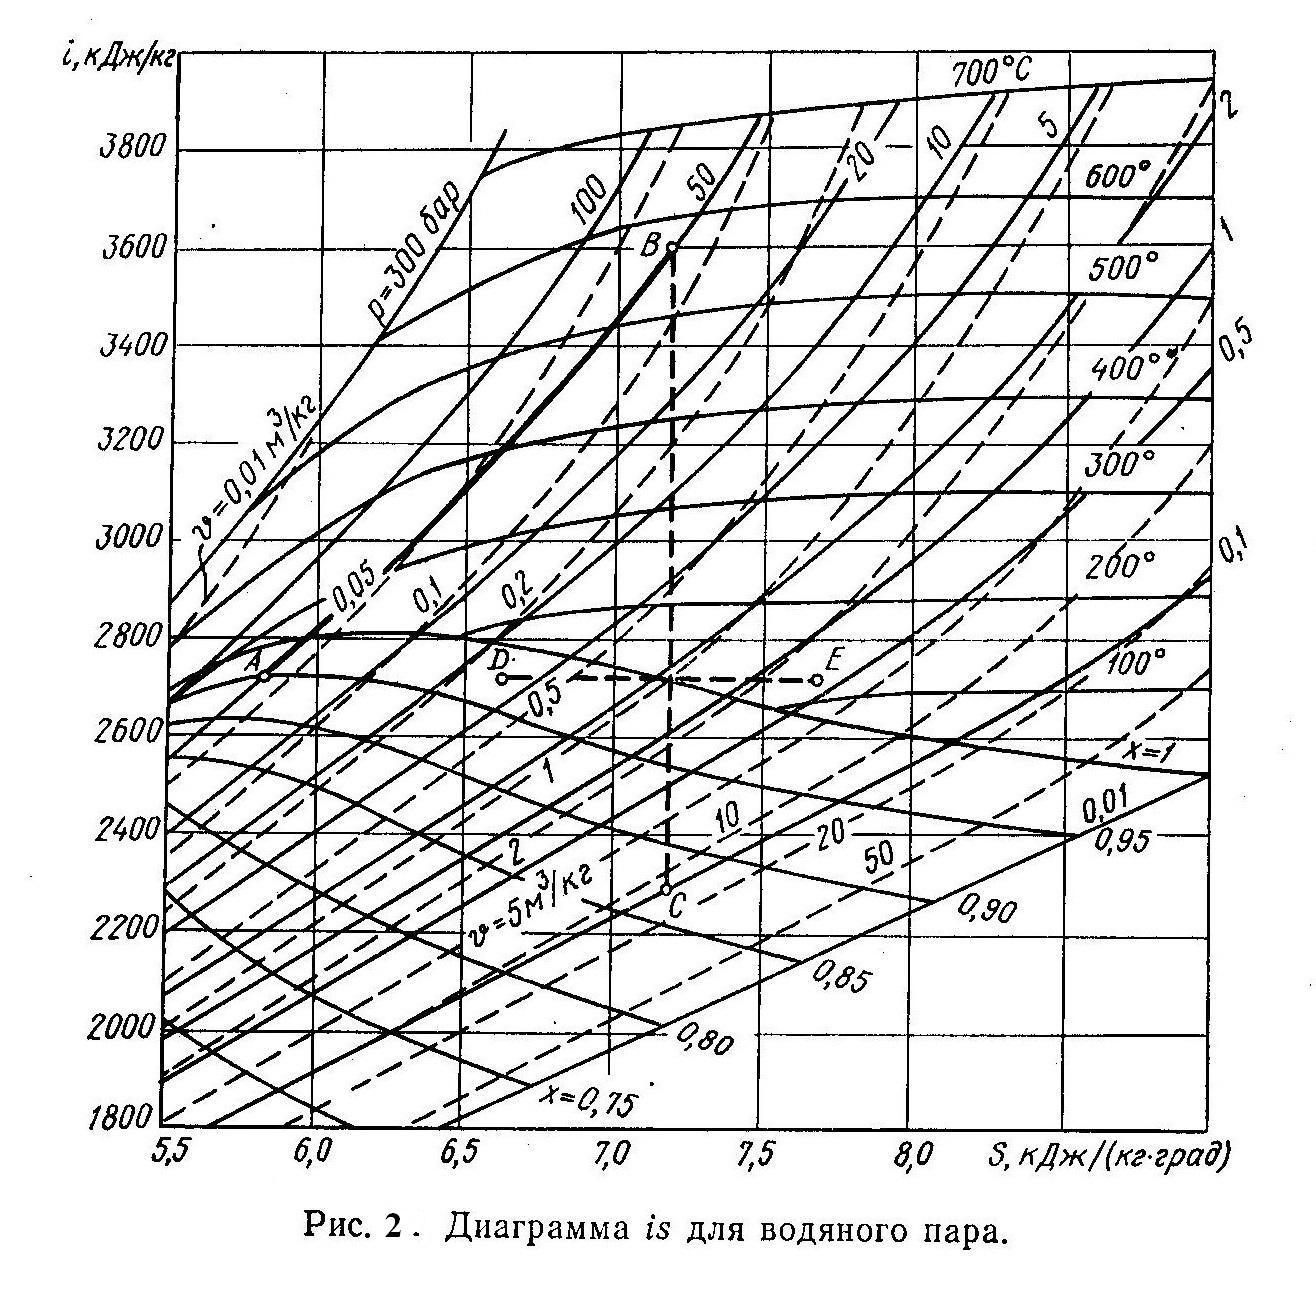 Рисунок 2. is - диаграмма водяного пара